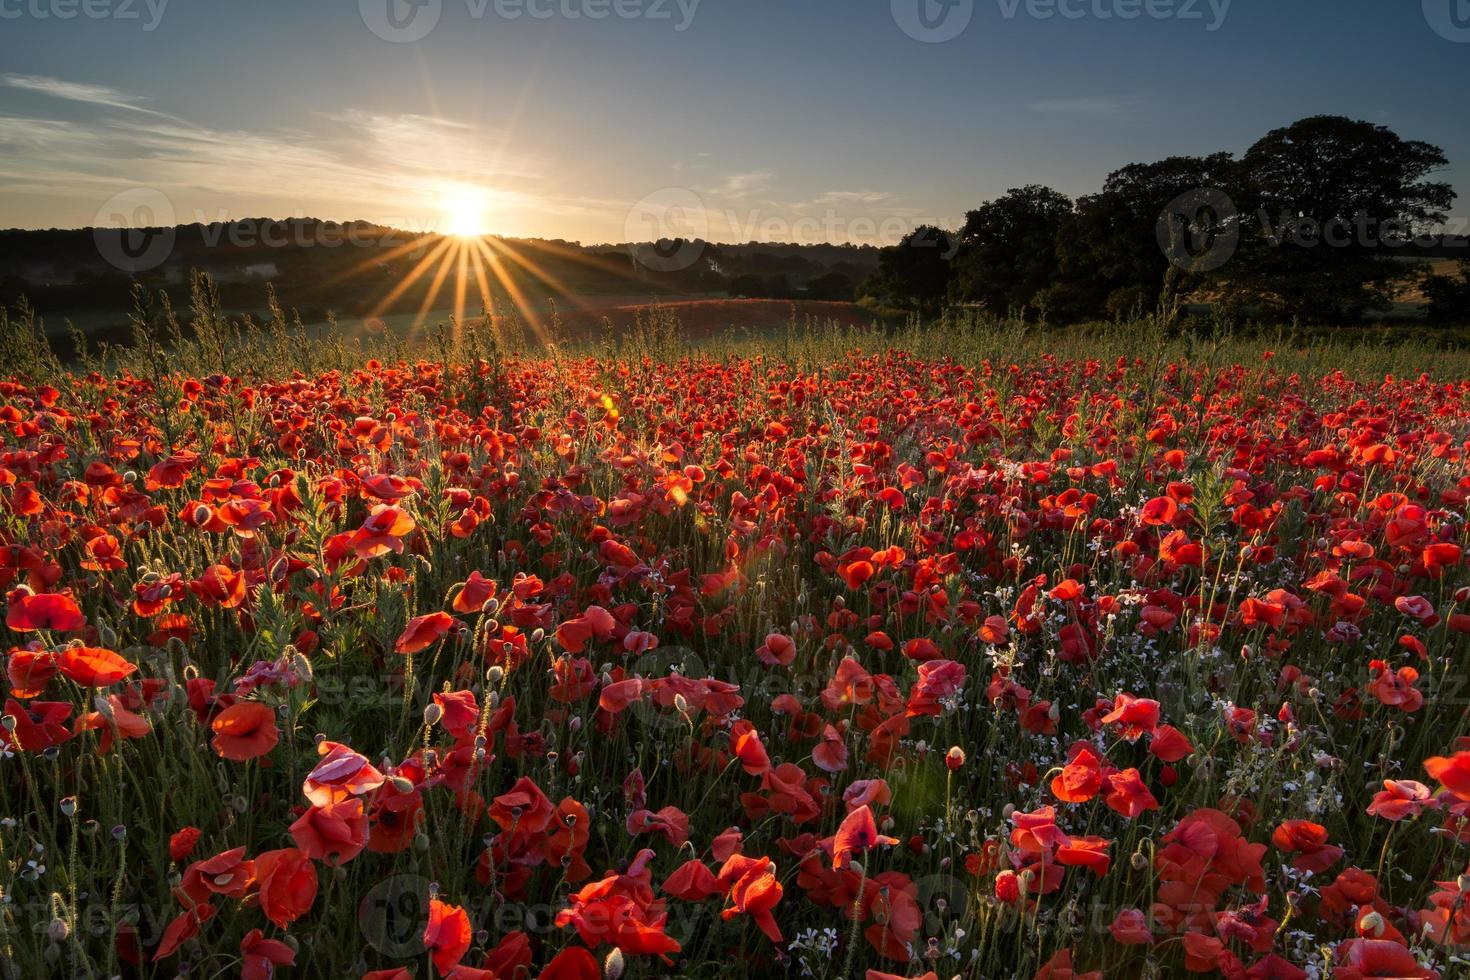 solstício de verão nascer do sol foto